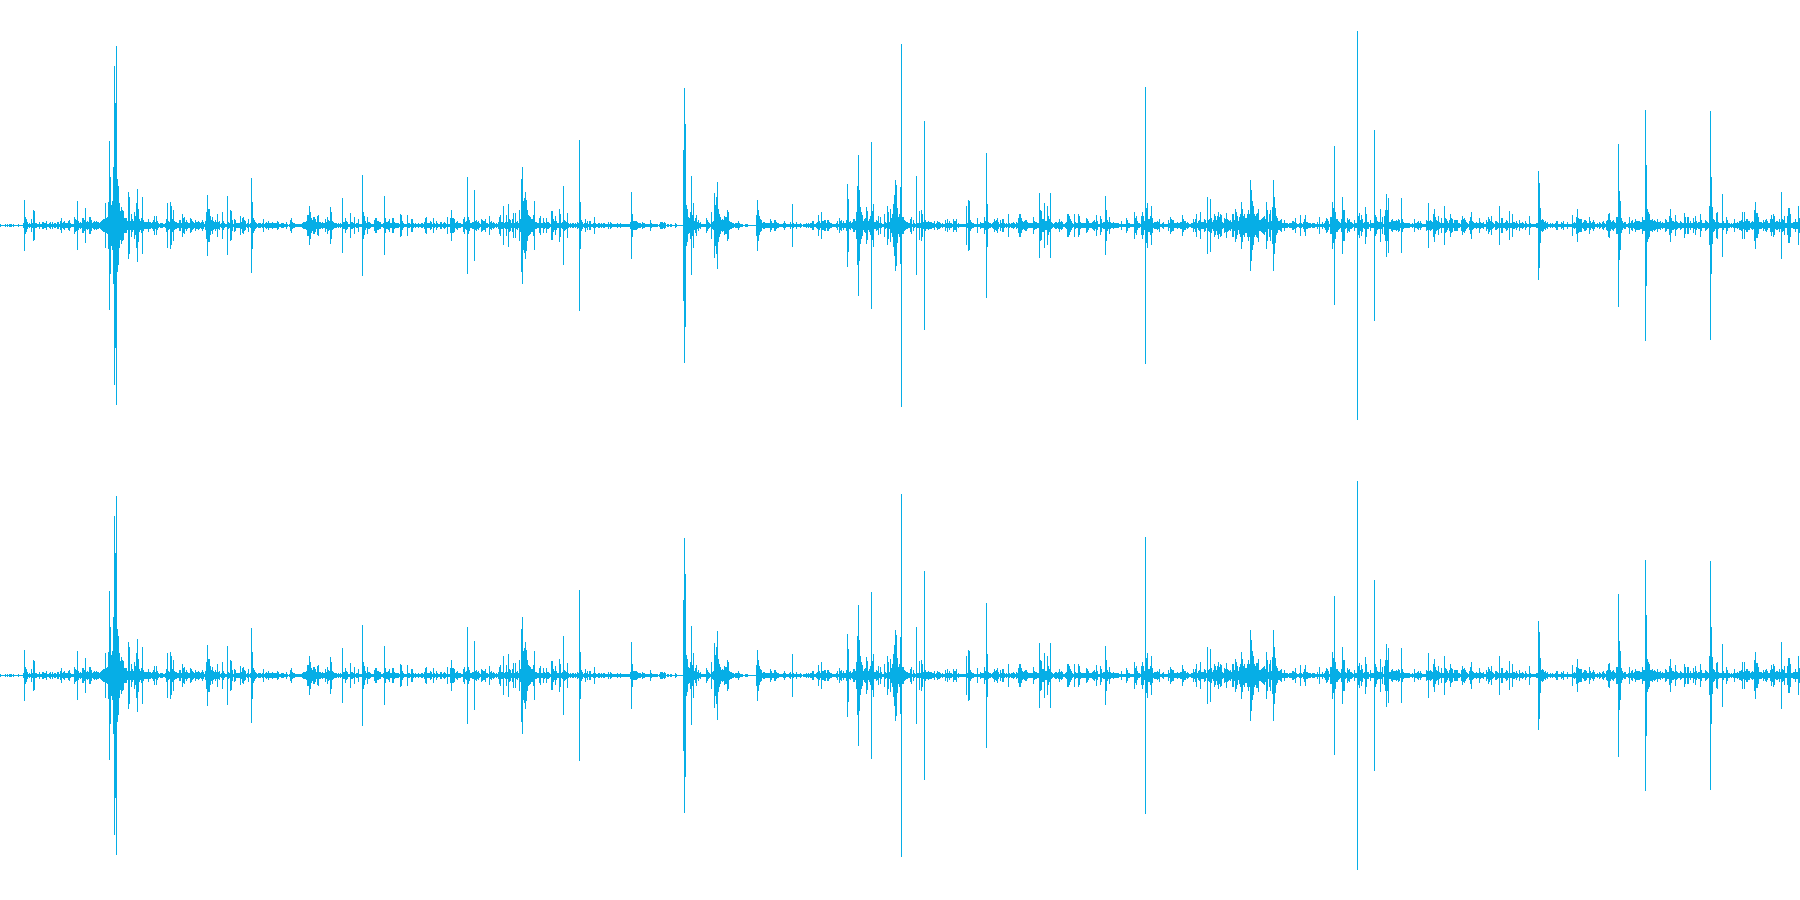 ネバネバしたものがうごめく音3の再生済みの波形